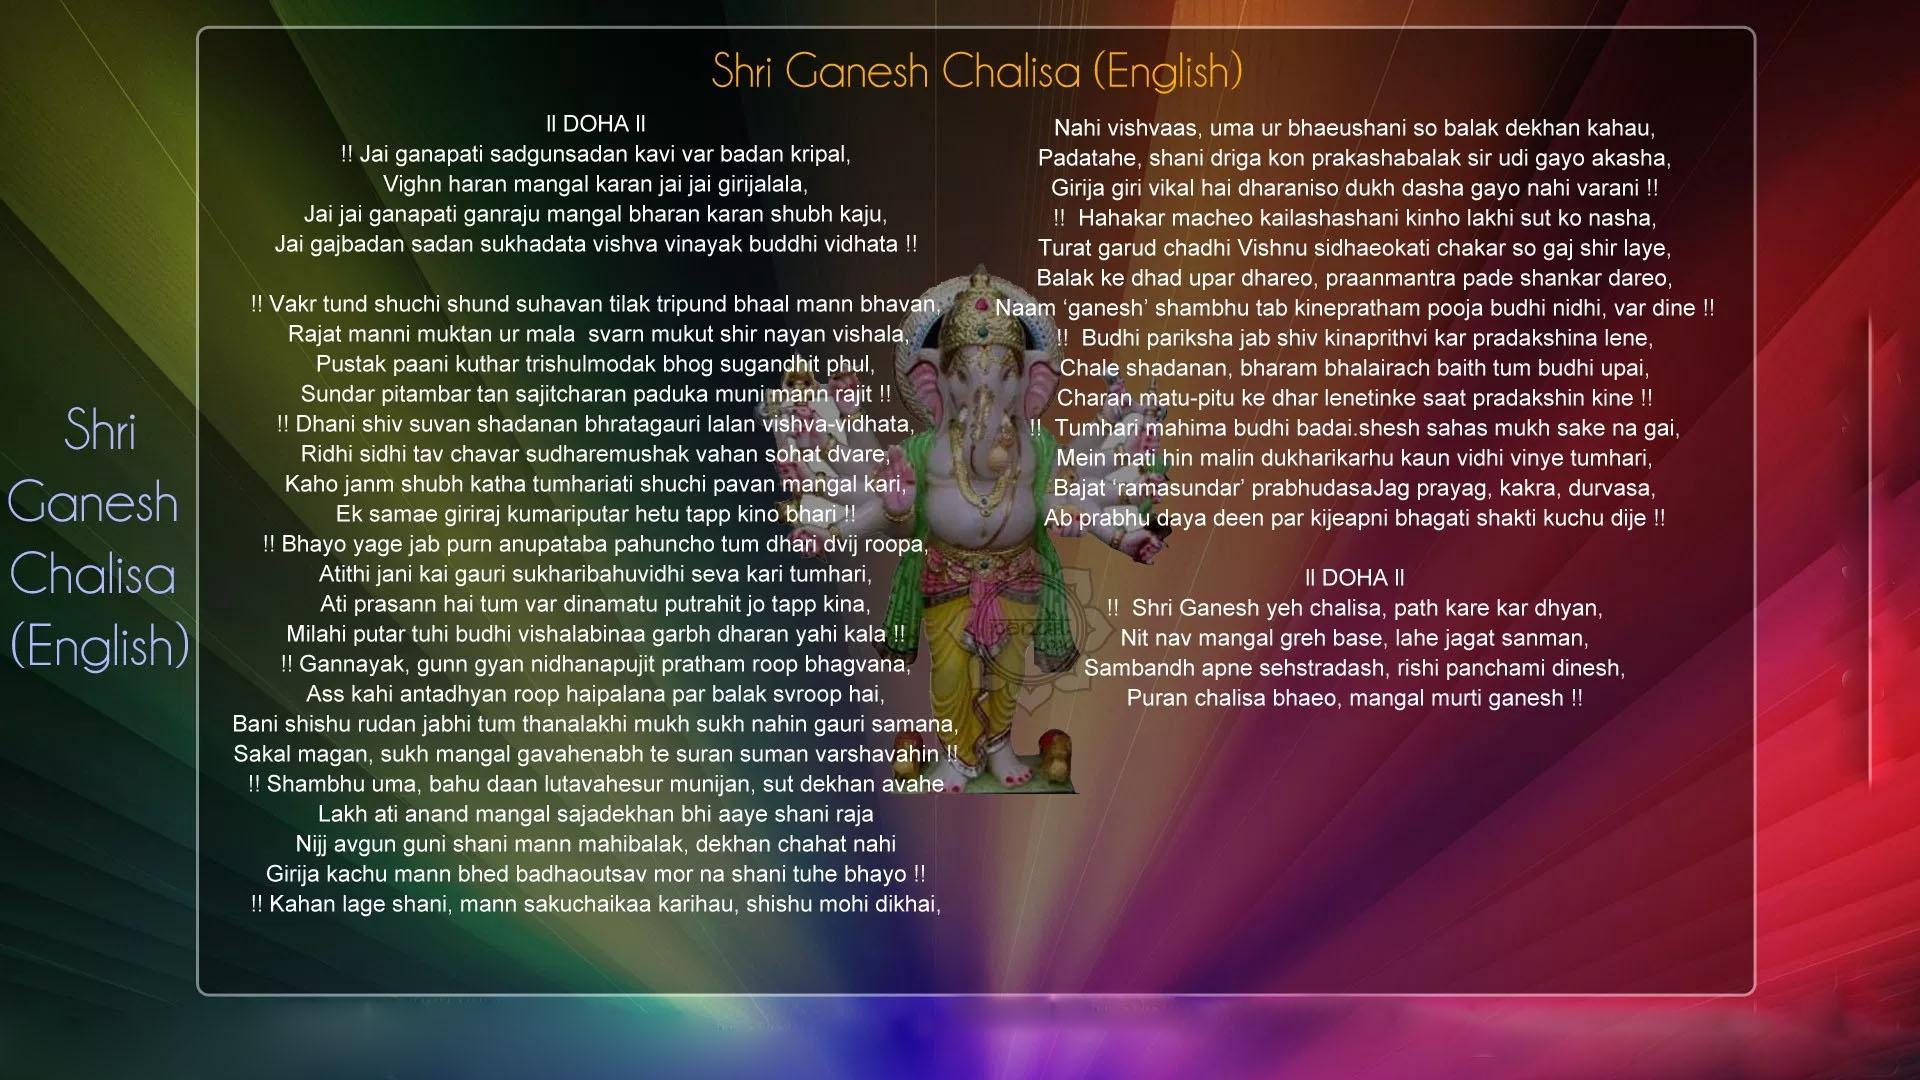 Ganesh Chalisa Wallpaper In Hindi Download